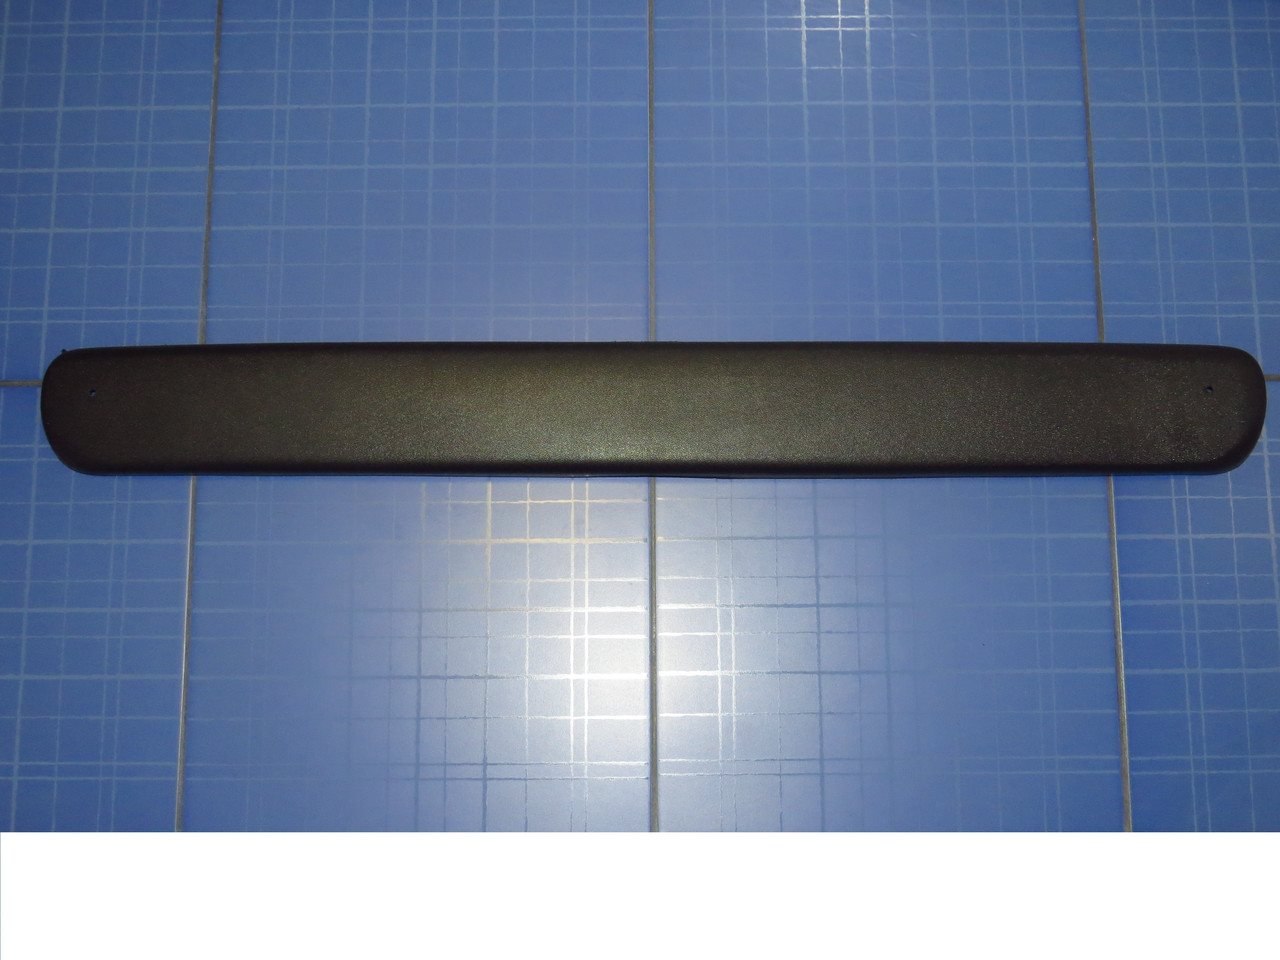 Зимняя заглушка решётки радиатора Дэу Ланос, Сенс низ матовая Fly. Утеплитель решётки Daewoo